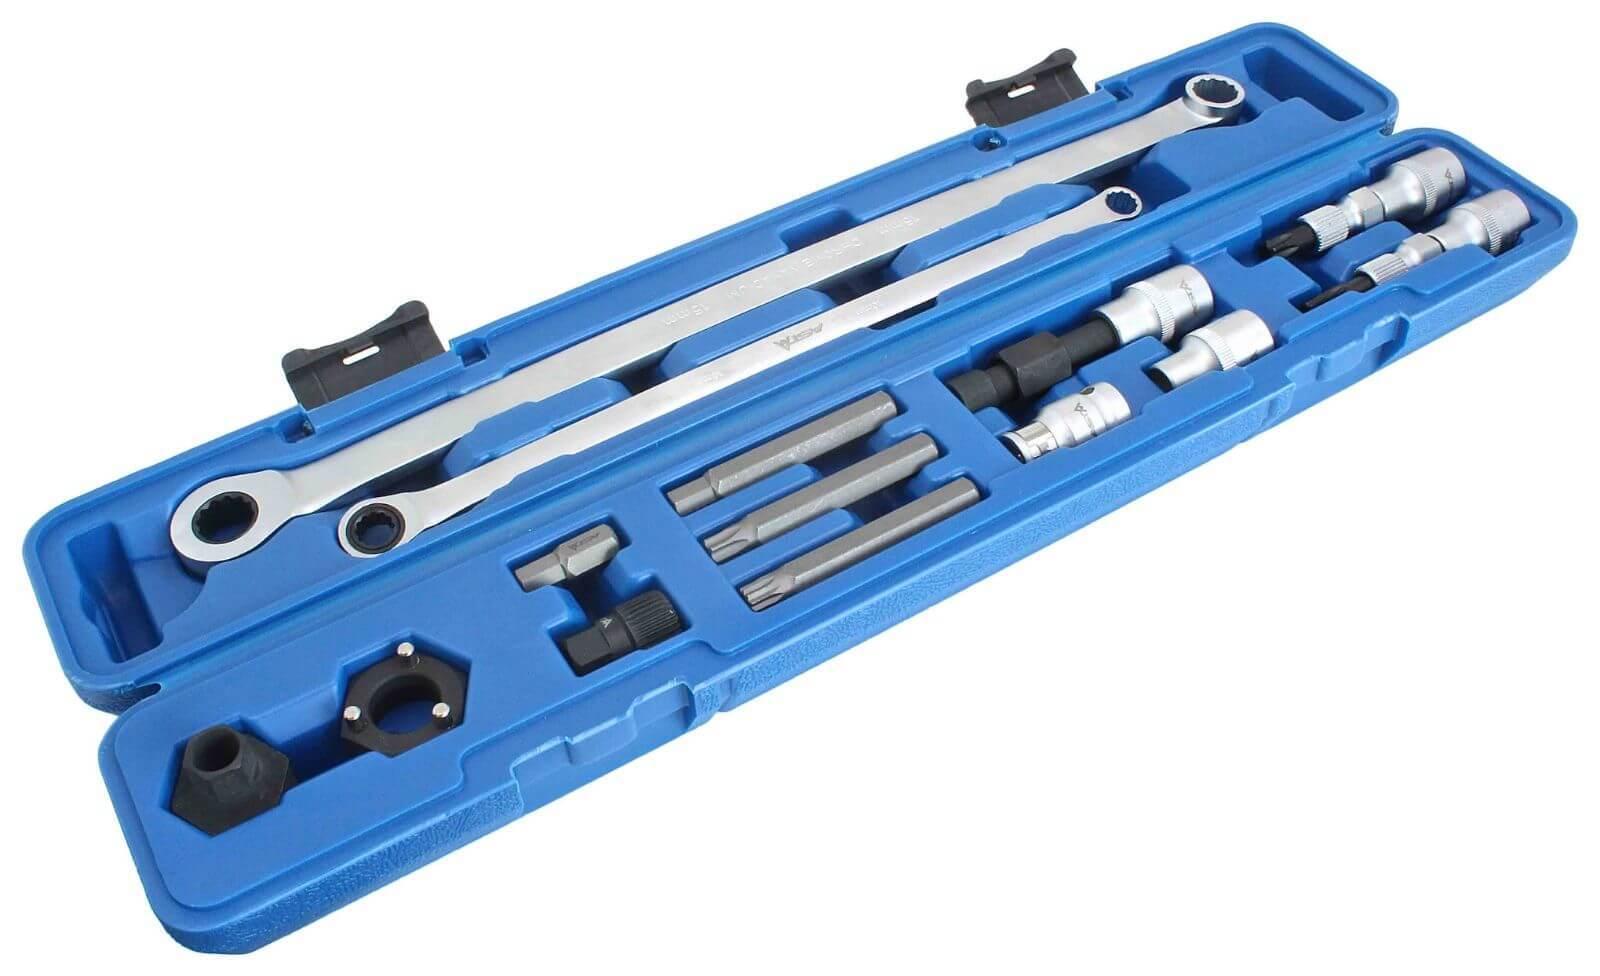 Klíče na montáž a demontáž alternátorů, sada 14 ks